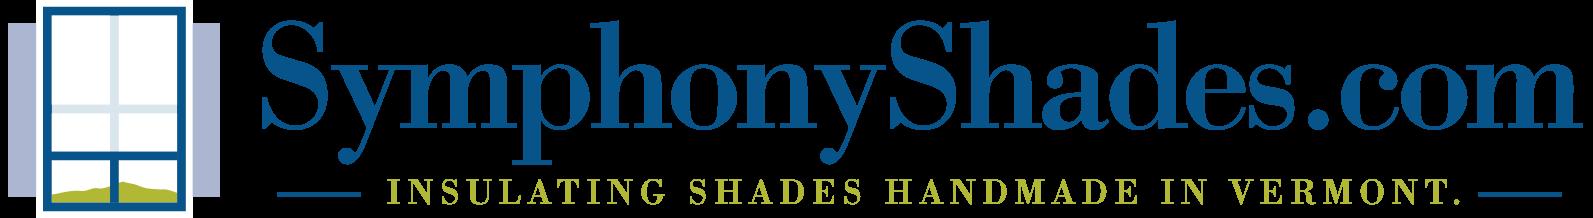 SymphonyShades.com